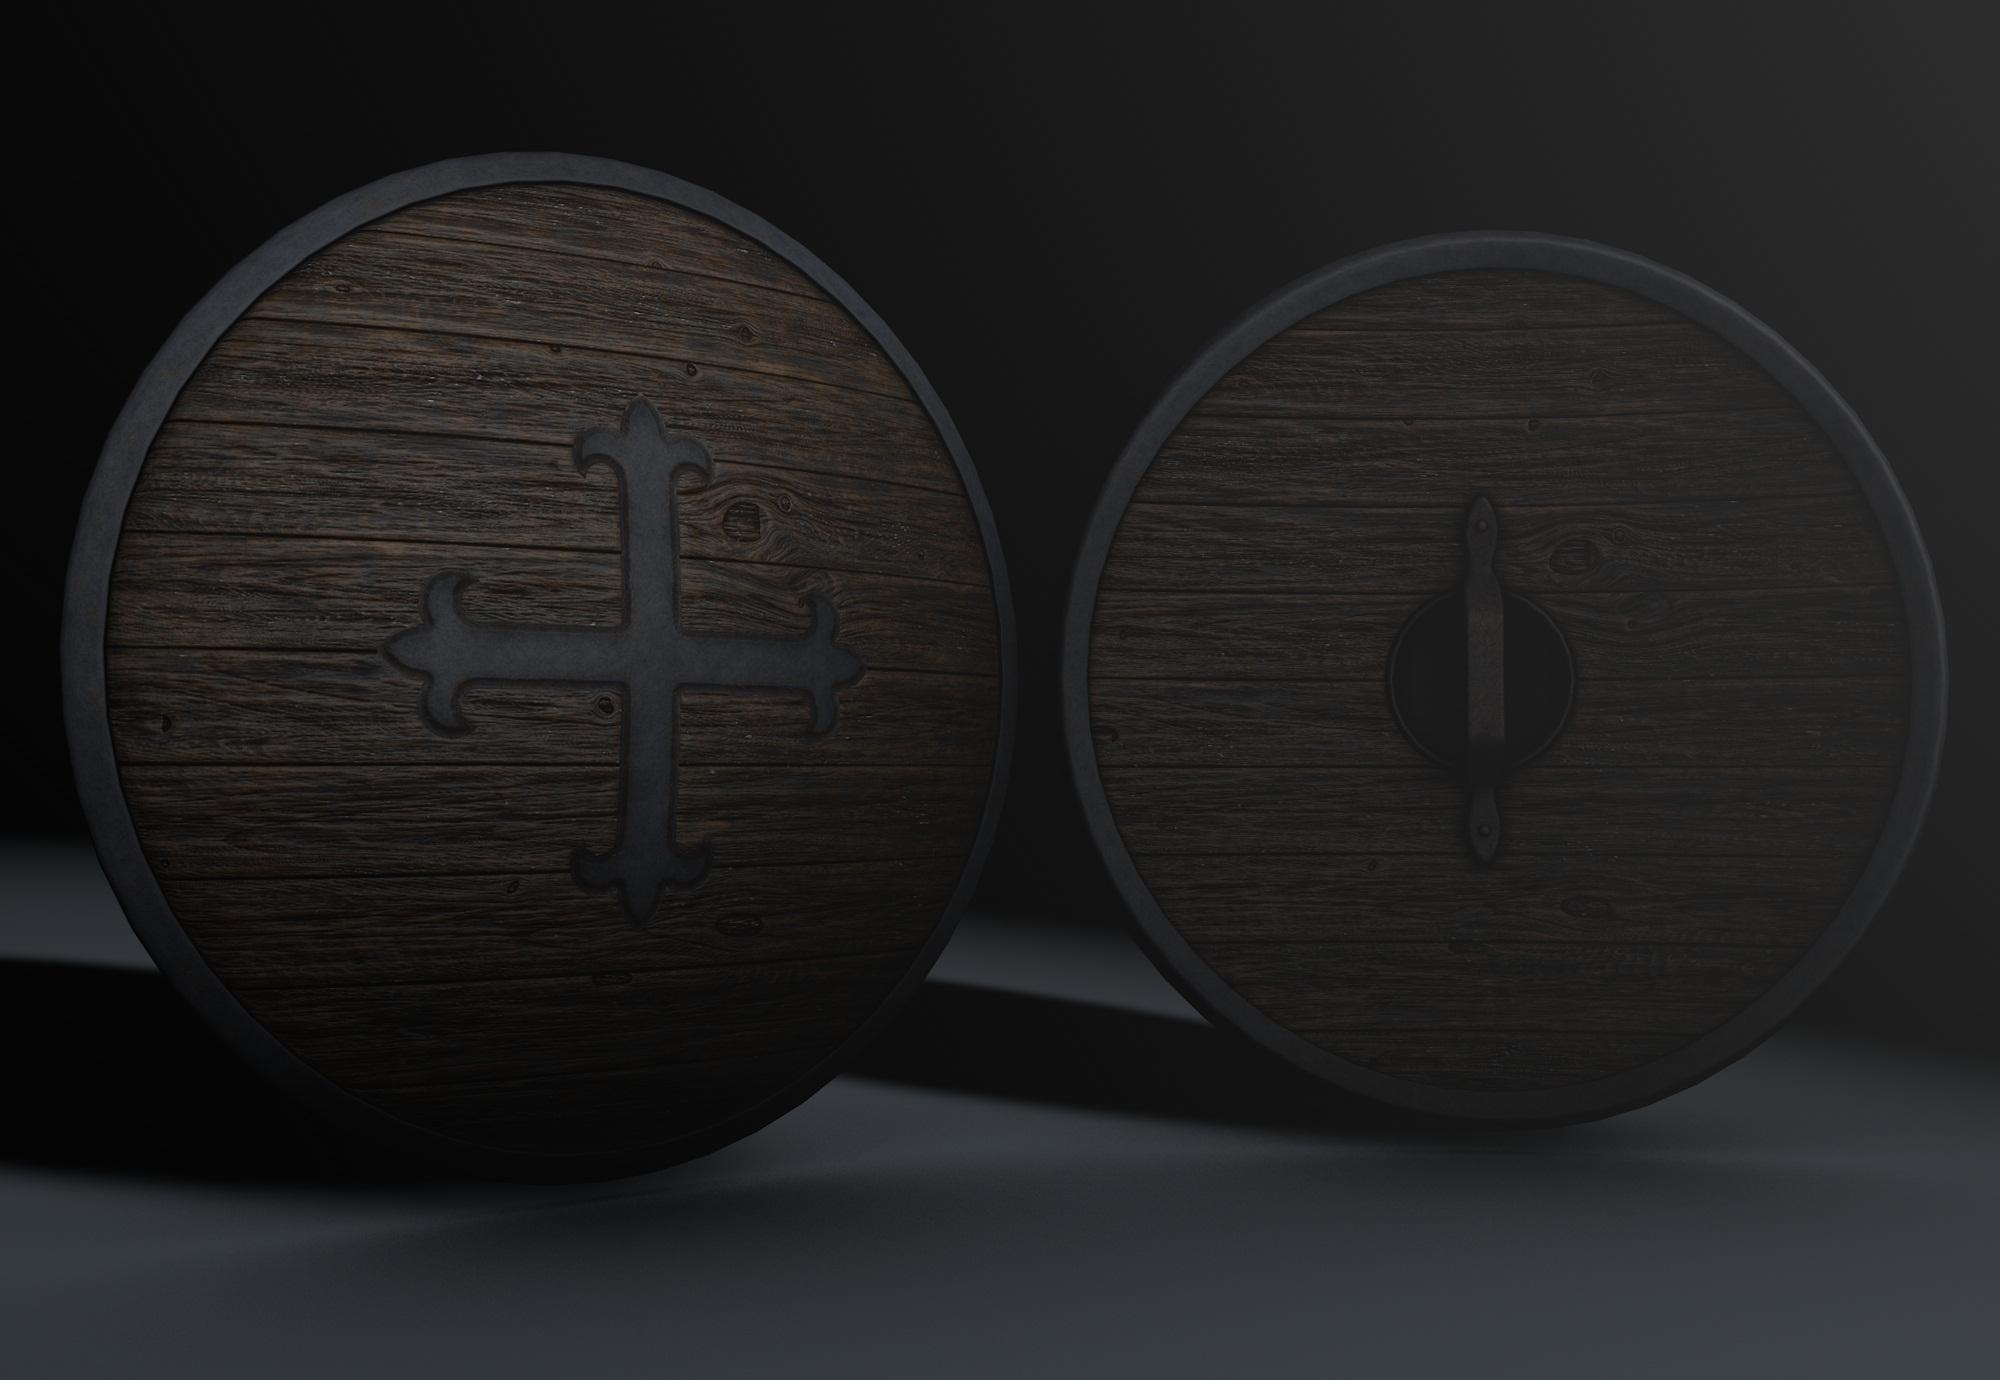 - Mods-Portal.ru - Моды, DLC, патчи/b для/b игр.